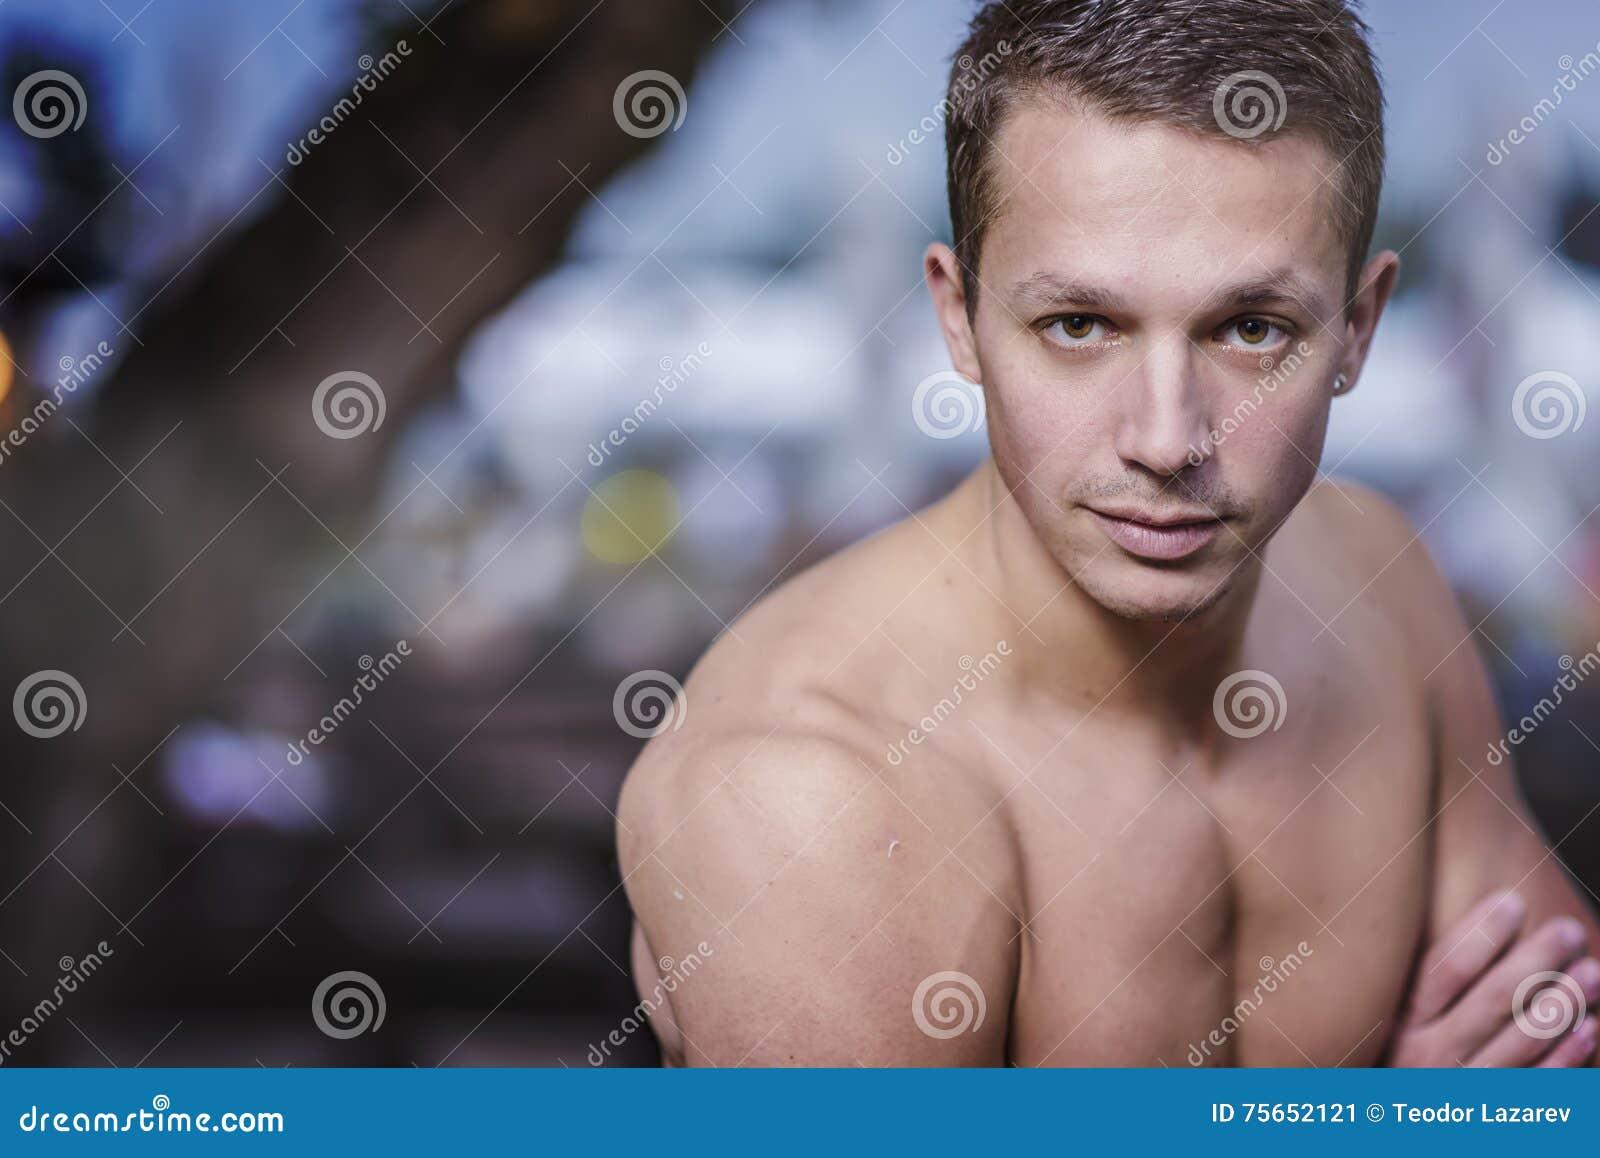 Good looking man